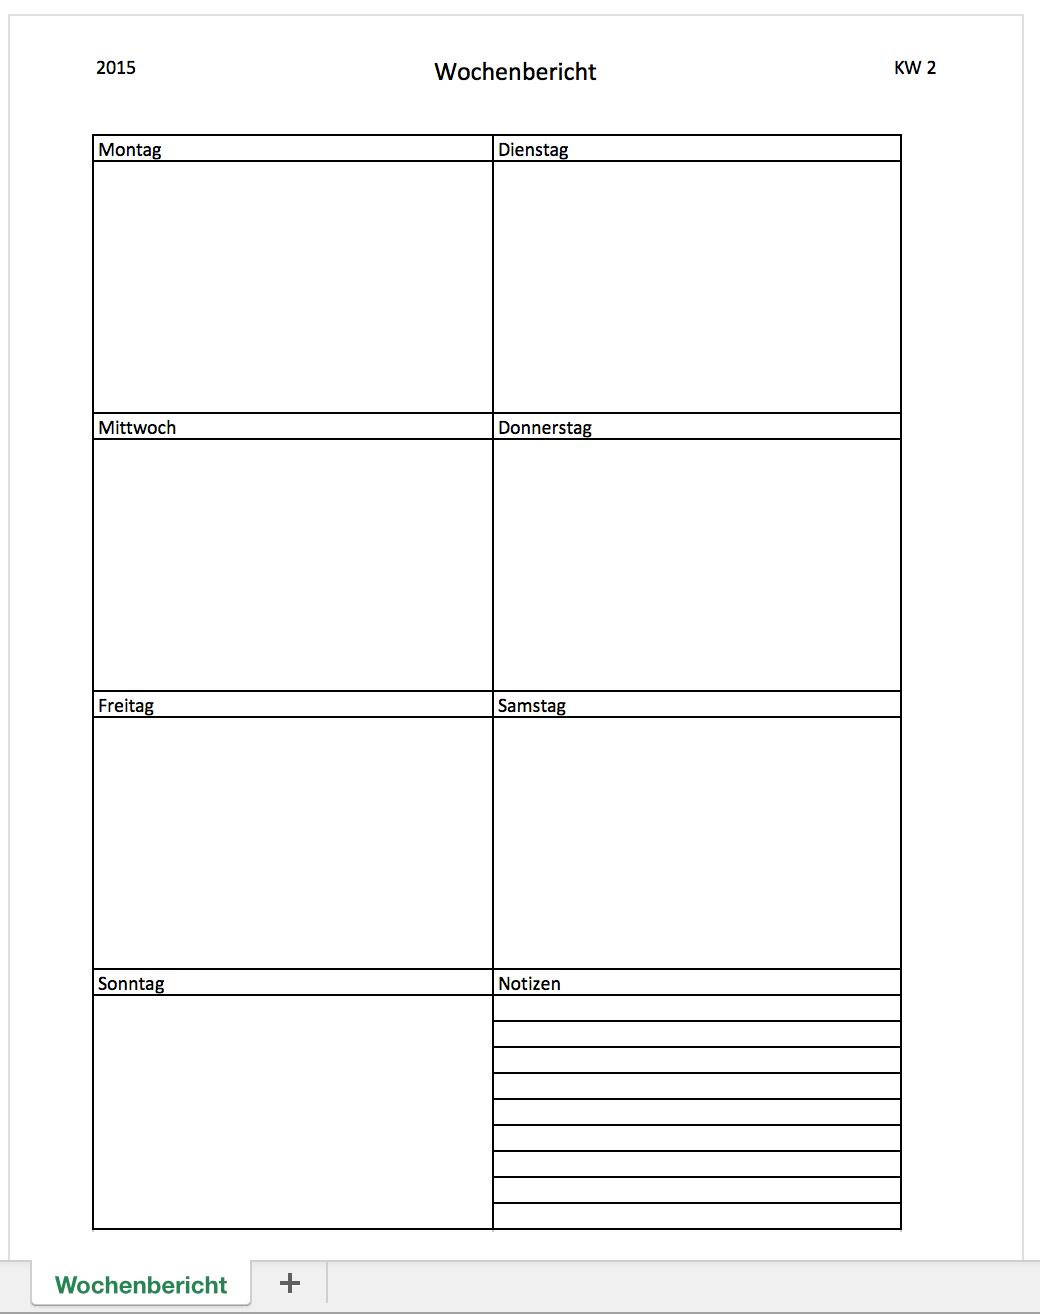 Wochenbericht mit einer Excelvorlage